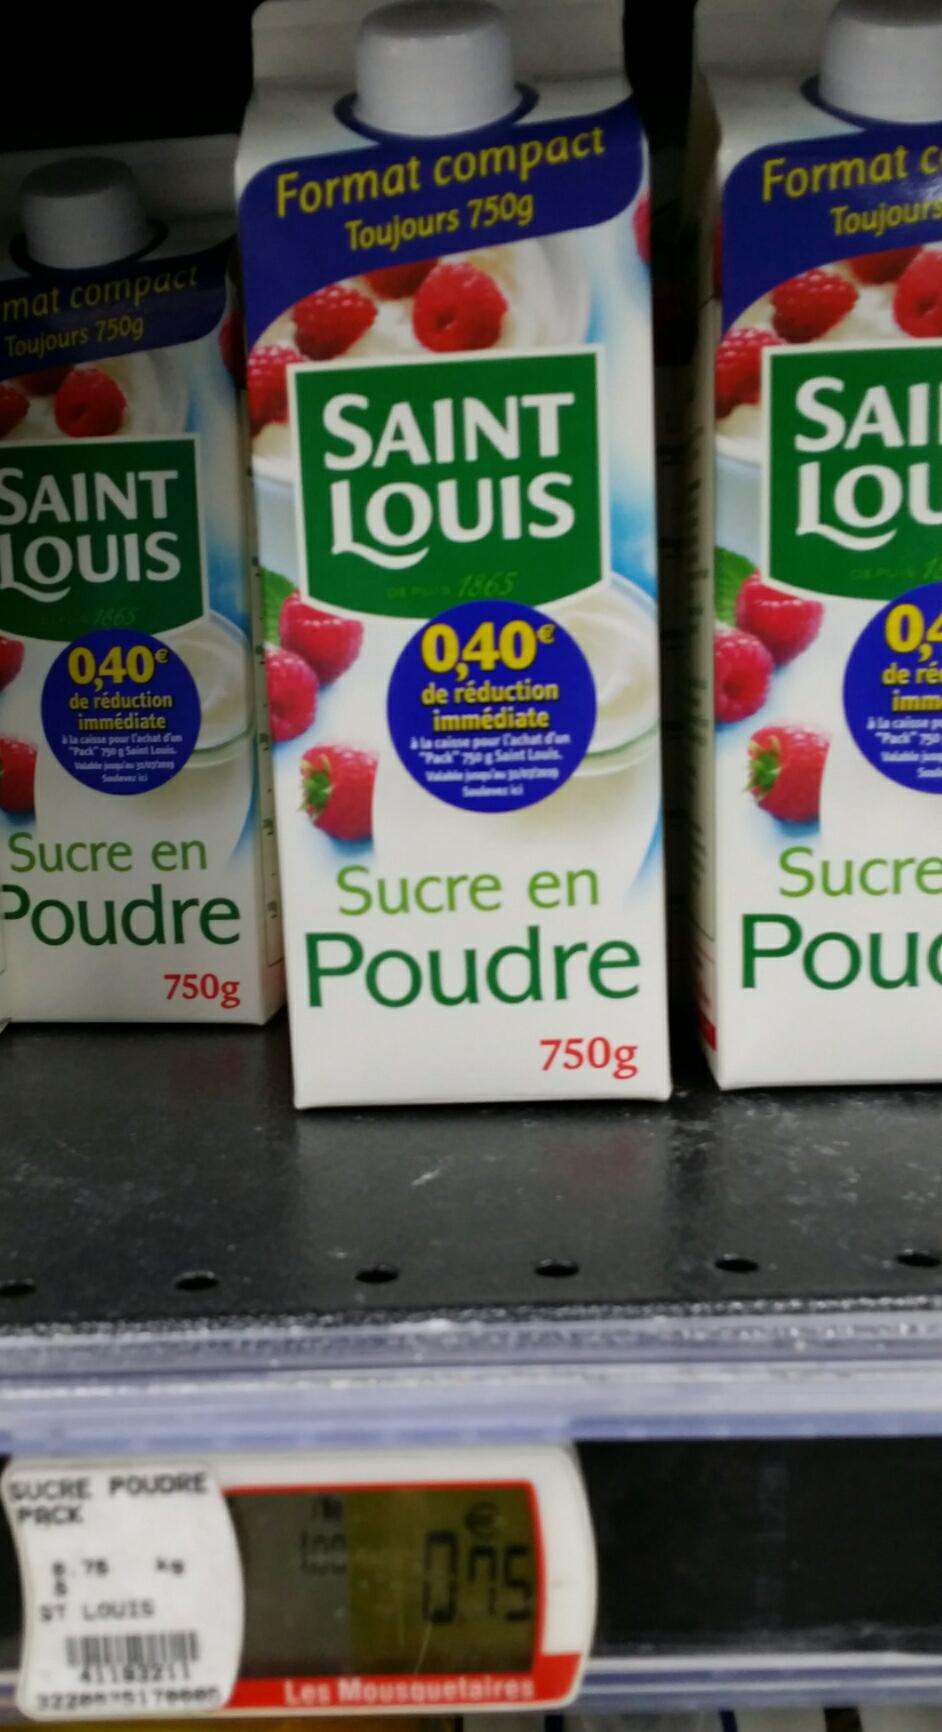 Sucre en poudre Saint Louis 750g - Cugnaux (31)